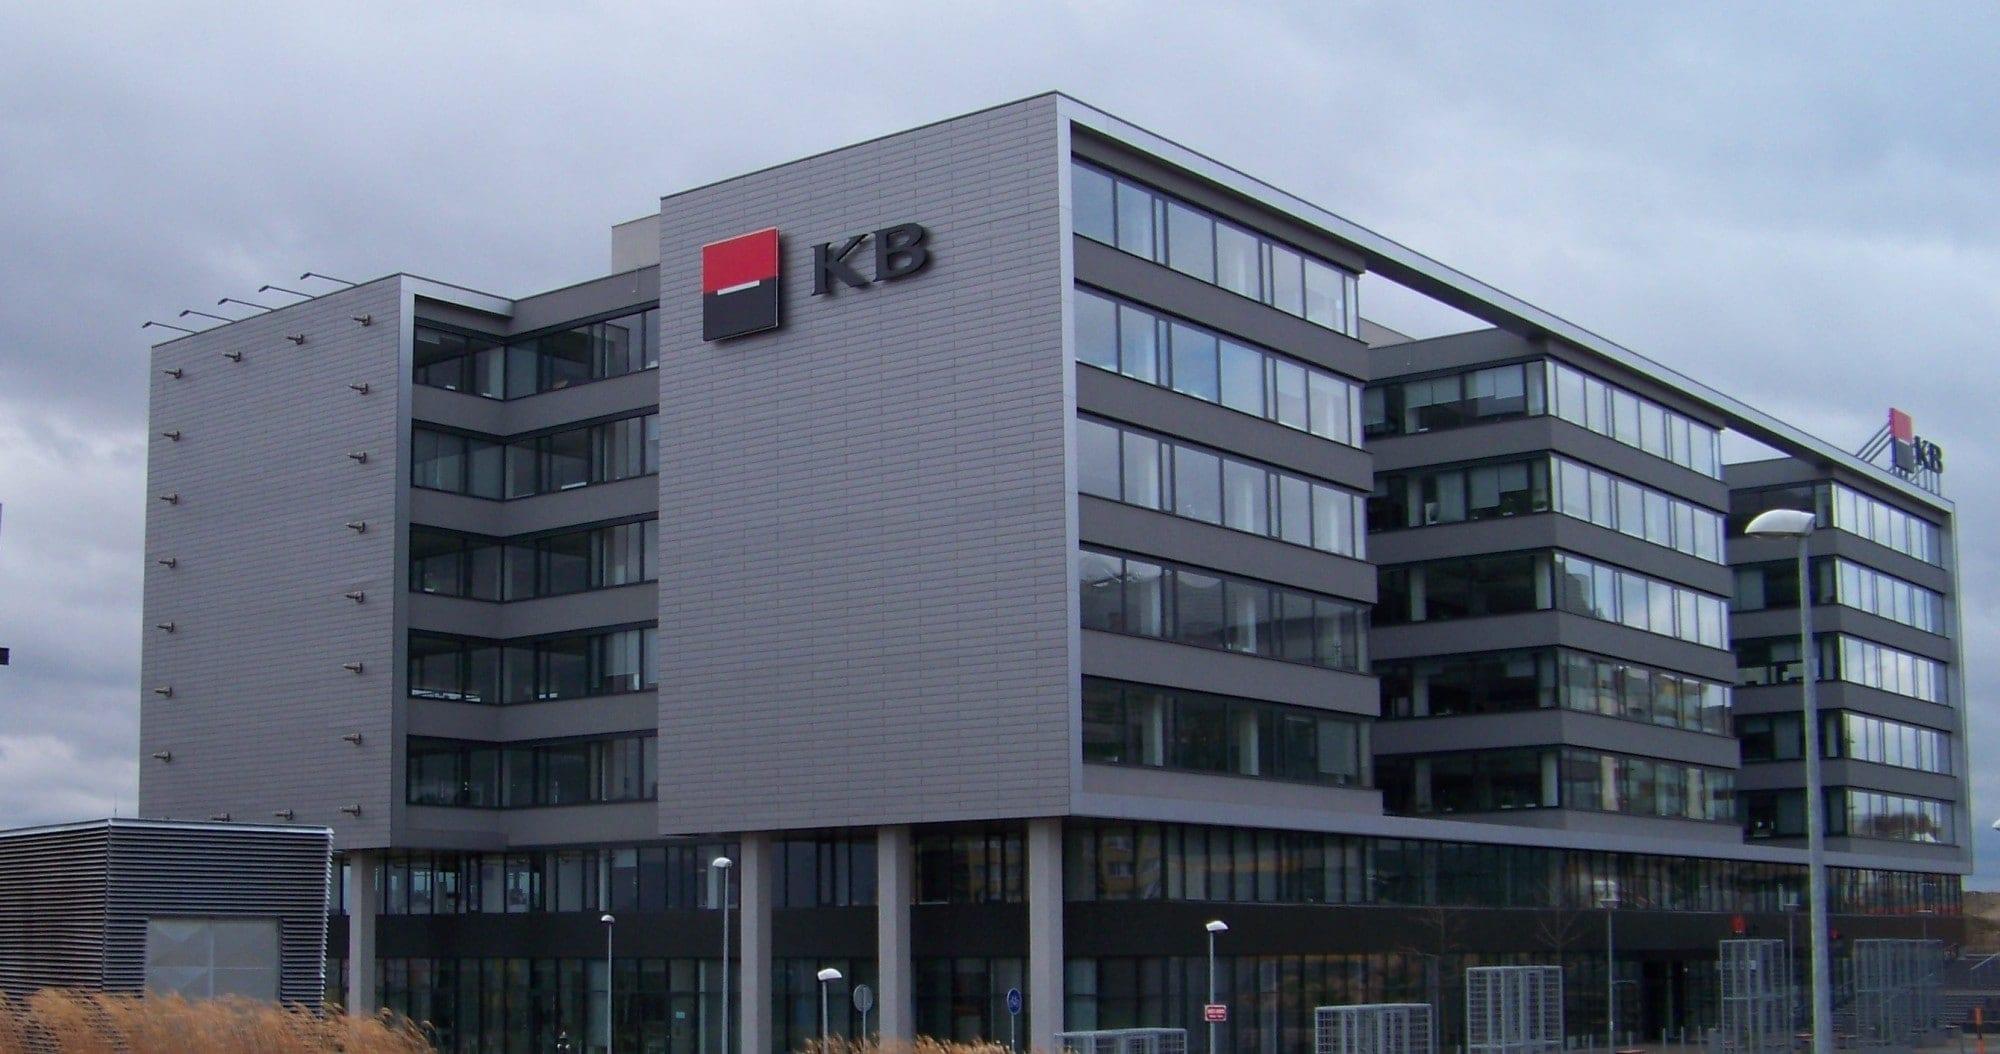 komercni banka internetove bankovnictvi